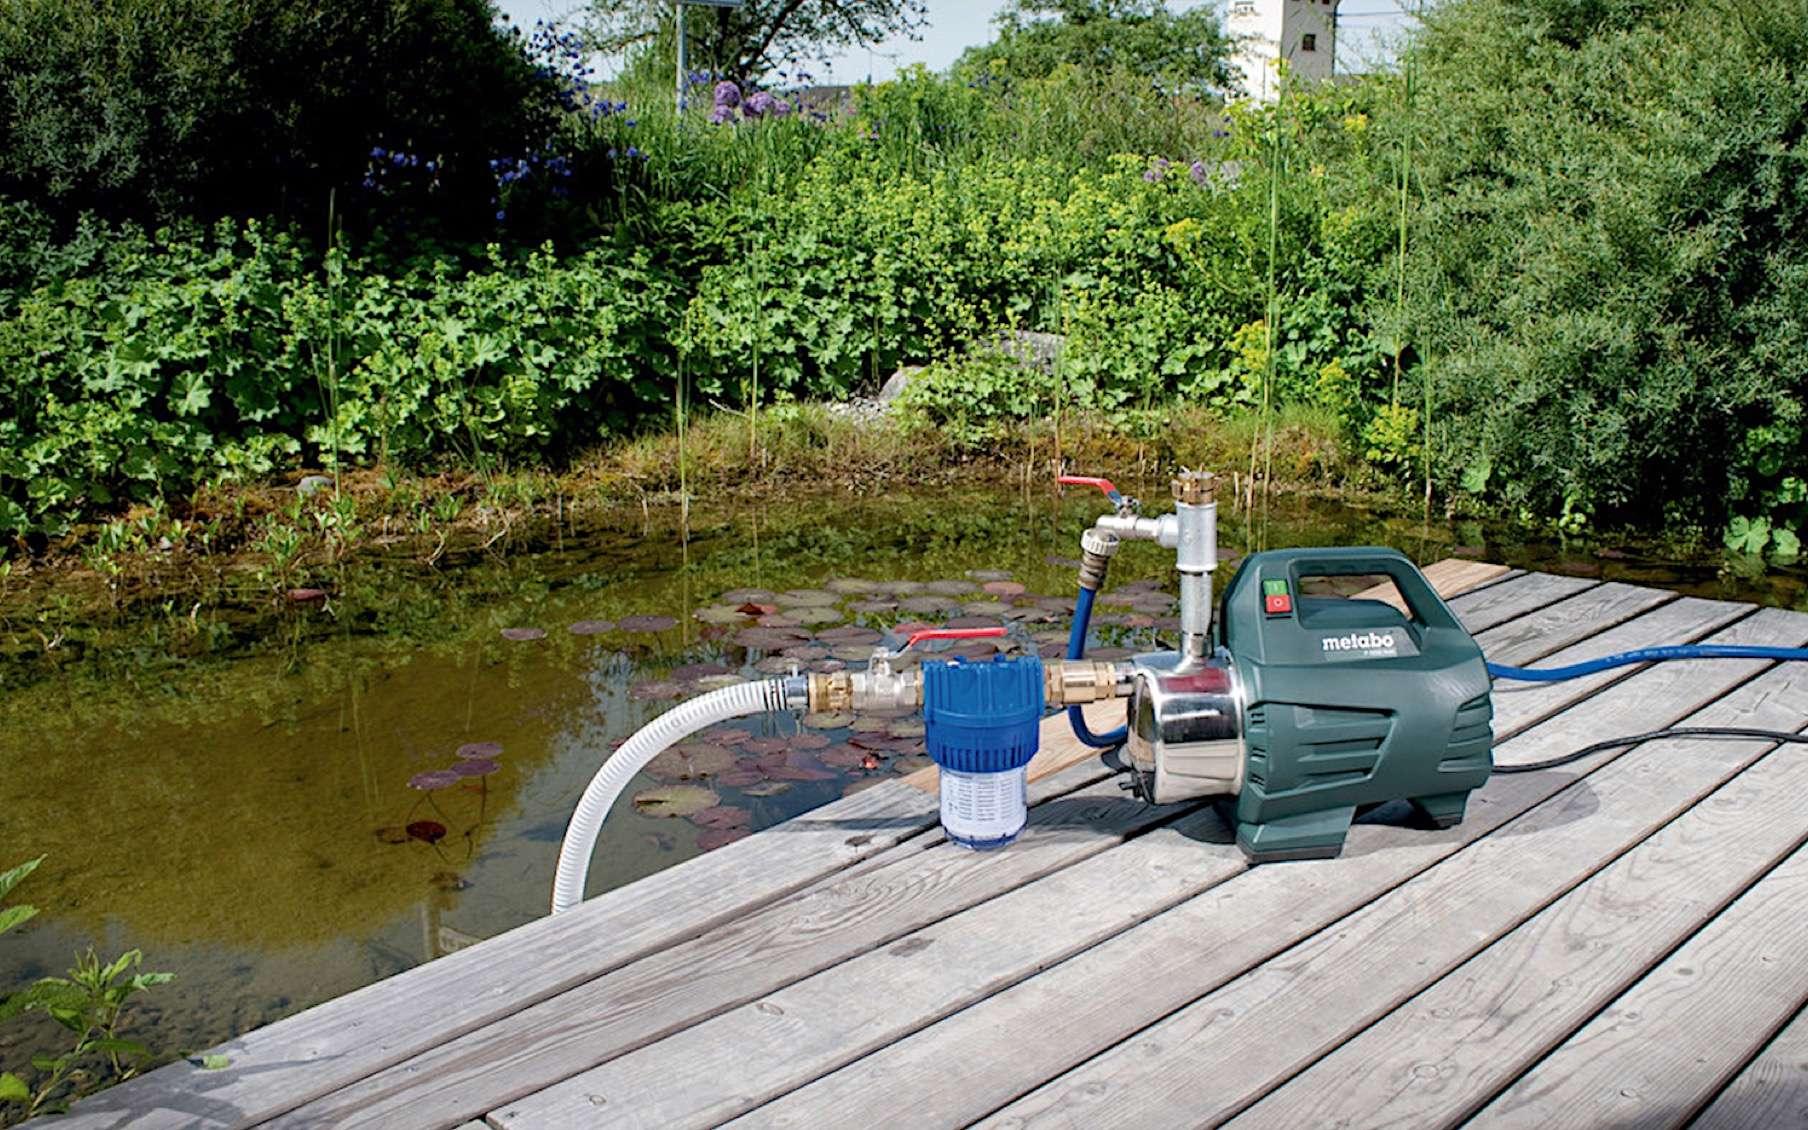 Les indices de protection sont attribués aux équipements électriques utilisables en intérieur ou en extérieur. Une pompe de surface, comme celle-ci, affiche en général un IP 55 : protection contre les poussières et les jets d'eau. © Metabo